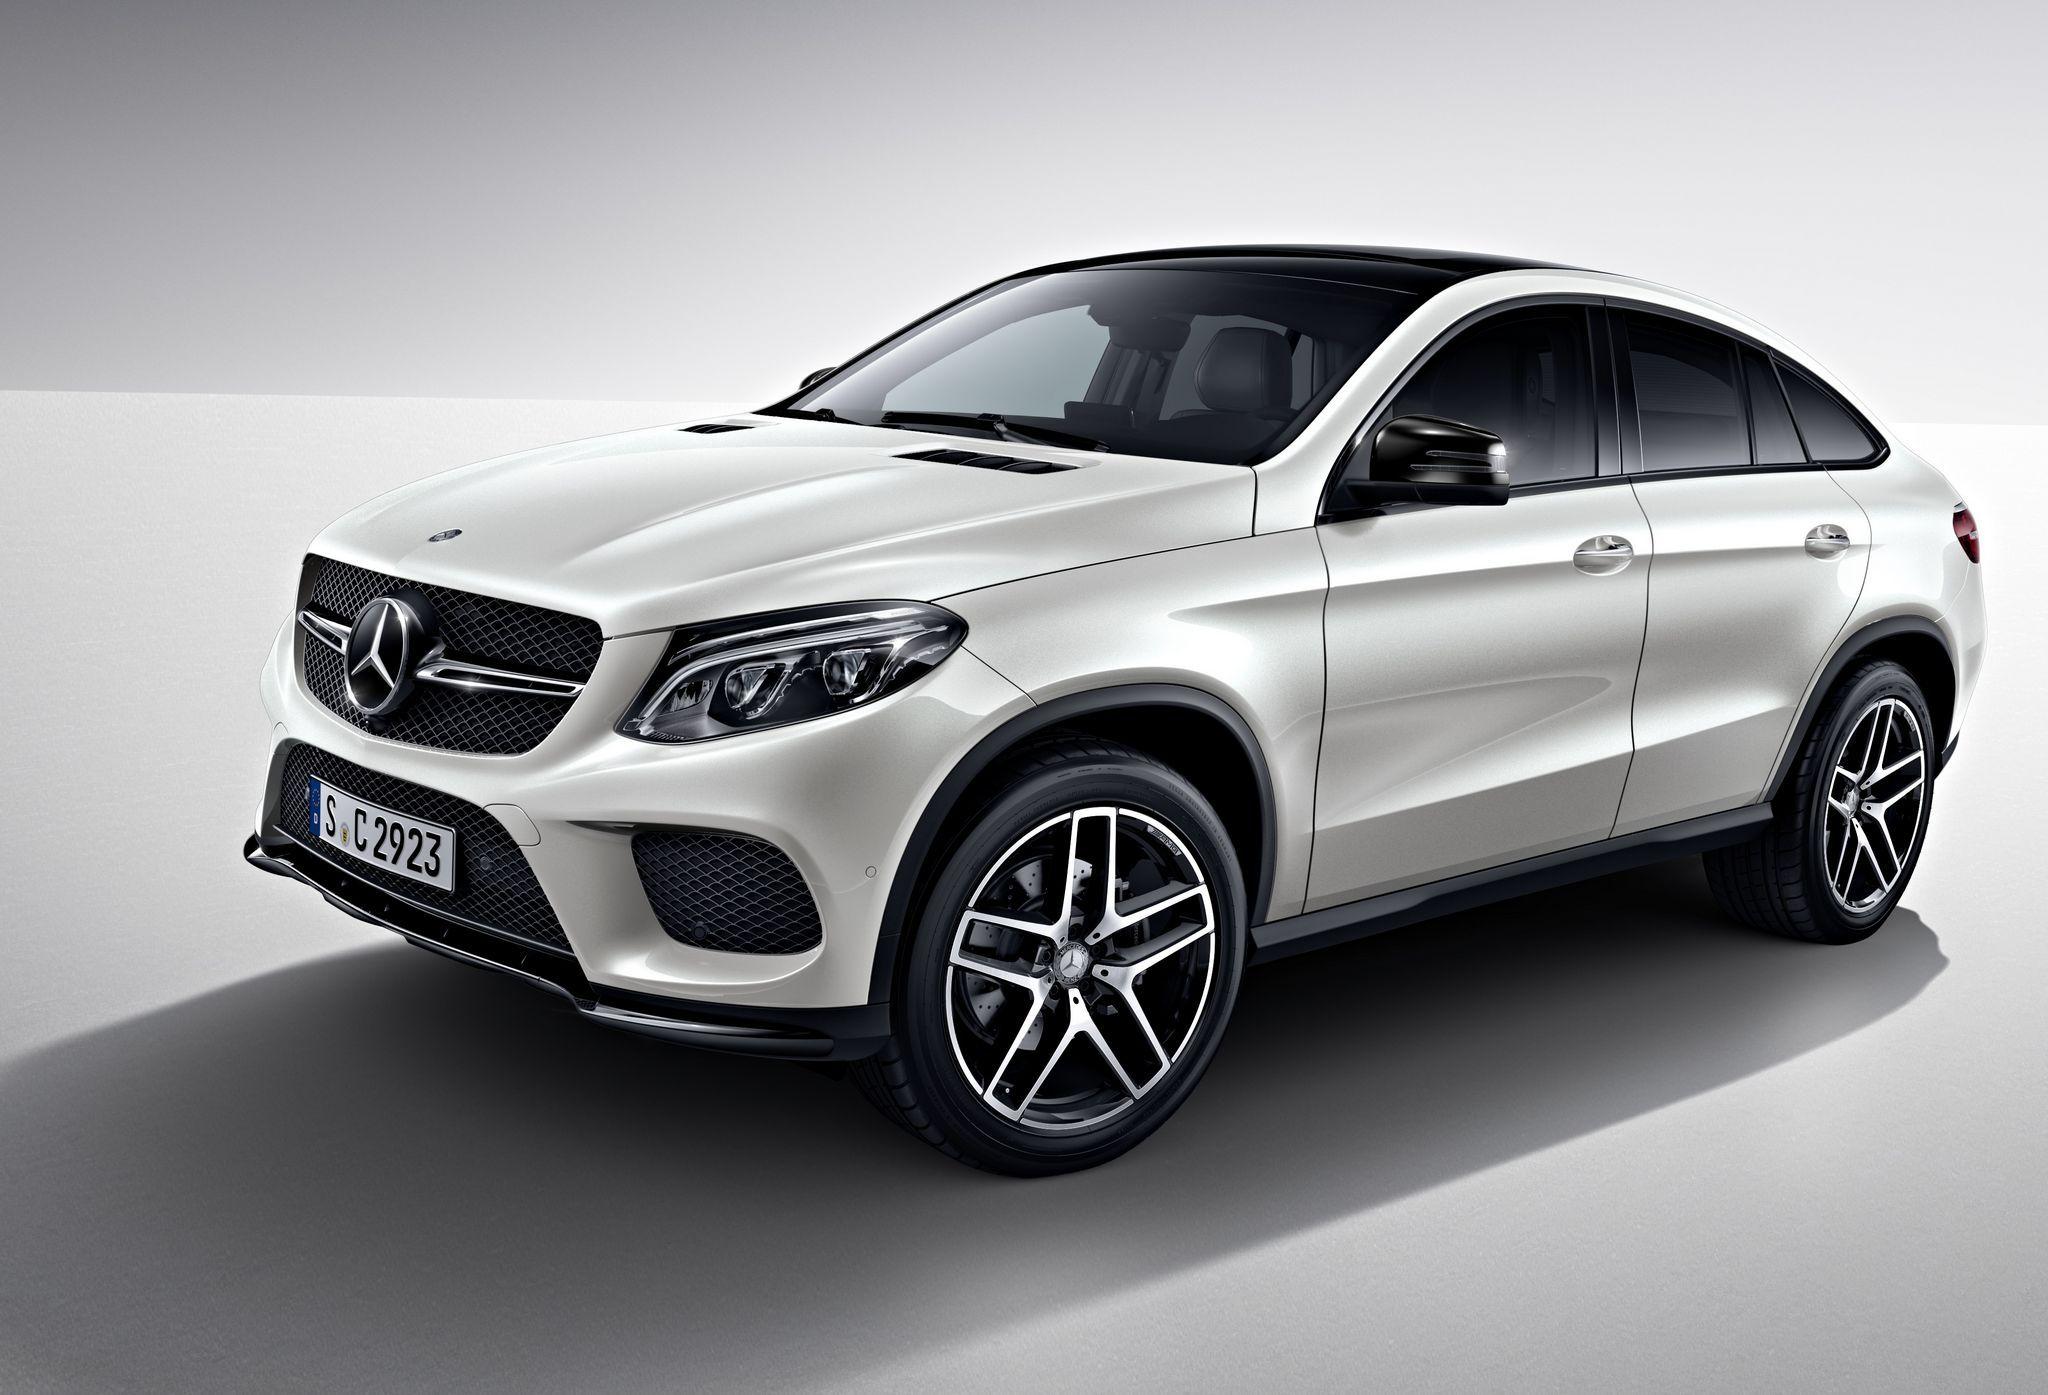 Mercedes Geeft Nieuwe Gle Coupe Prijzen Mee Vanaf 88 Mille Ridin